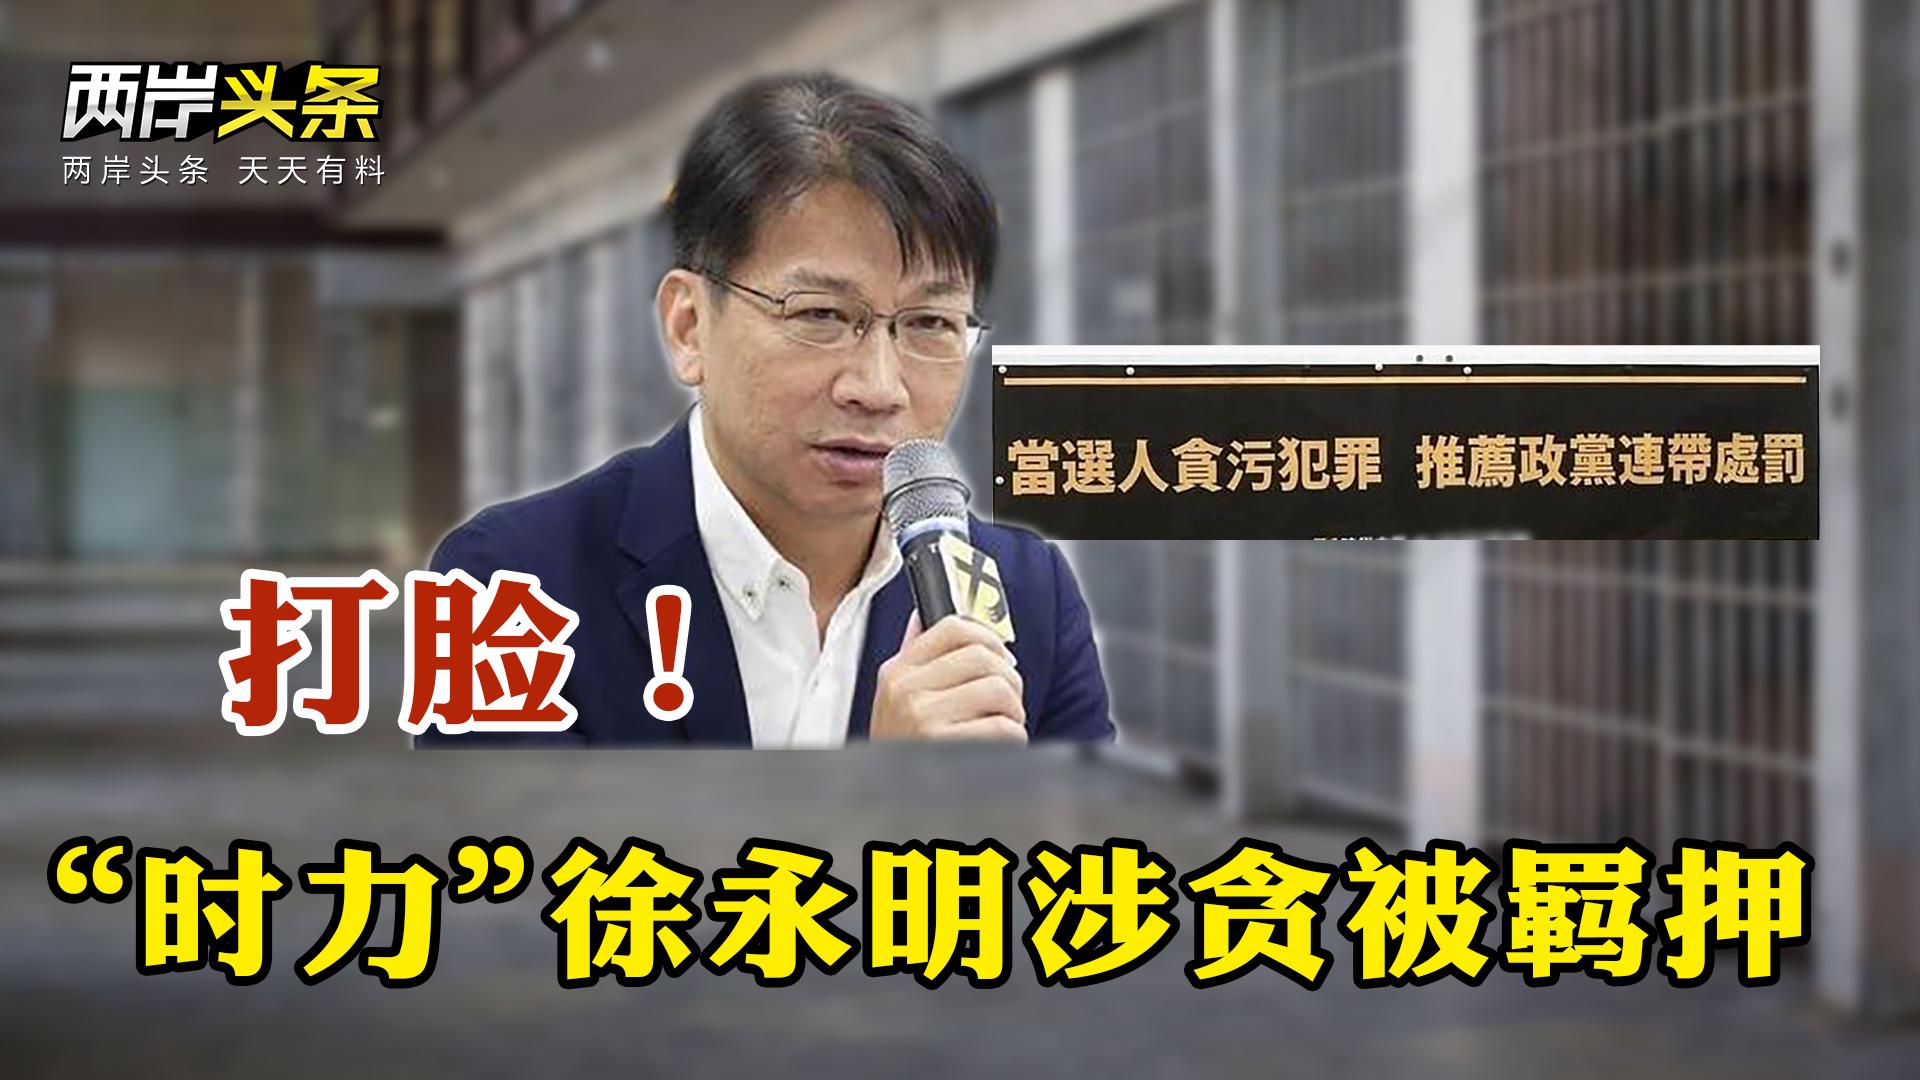 """打脸!标榜反贪揭弊的""""时代力量""""主席徐永明因涉贪被羁押"""